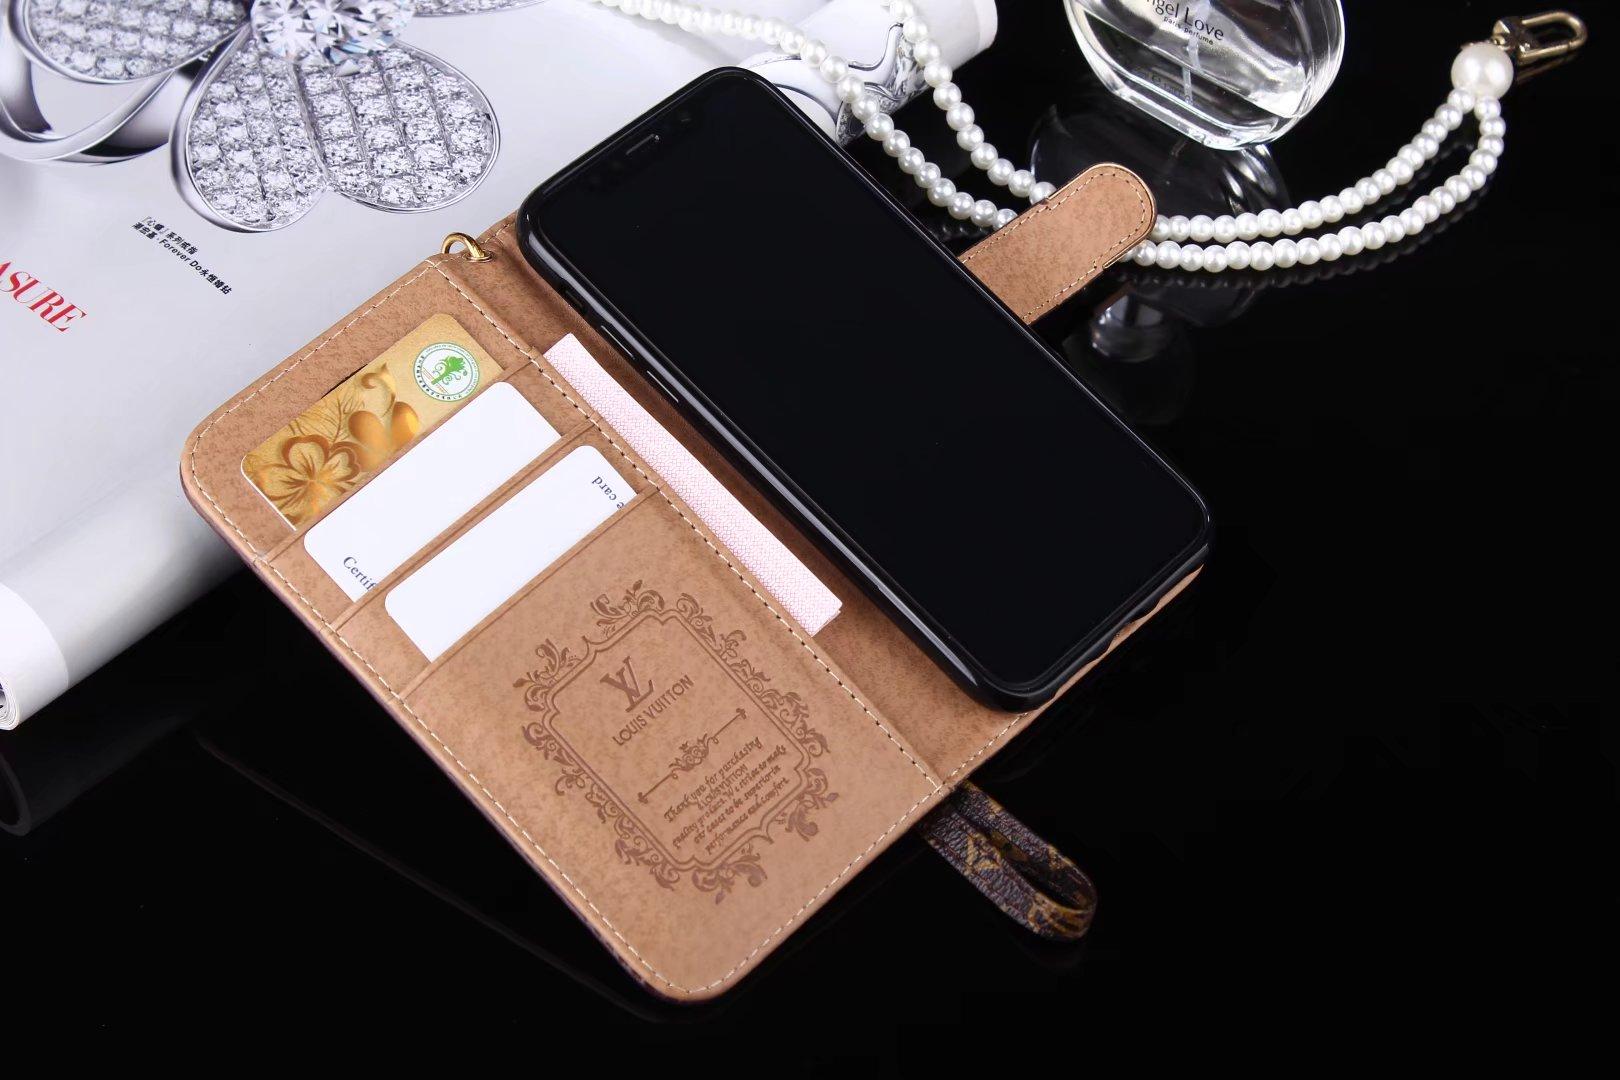 iphone hülle bedrucken iphone hülle leder Louis Vuitton iphone X hüllen iphone 3 hülle Xlbst gestalten iphone X etui leder marken handyhüllen iphone X hülle mit sichtfenster apple iphone hülle iphone display